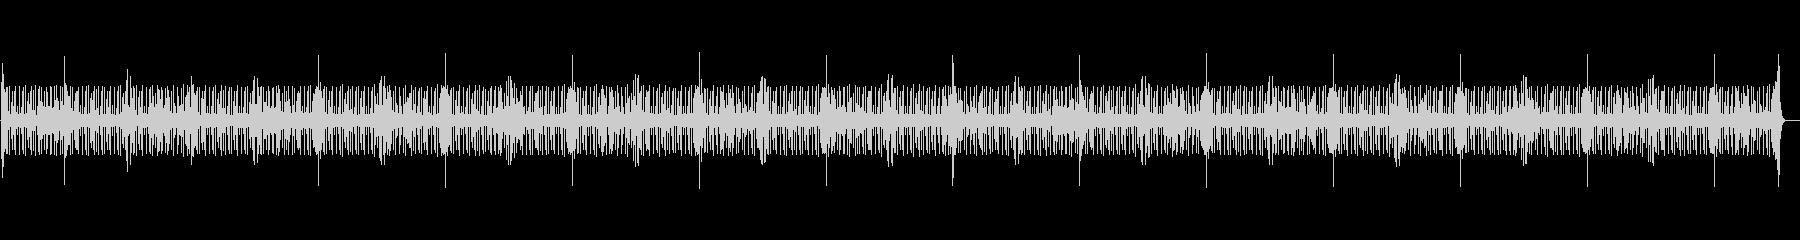 ハーフタイムシャッフル・ドラムのみの未再生の波形